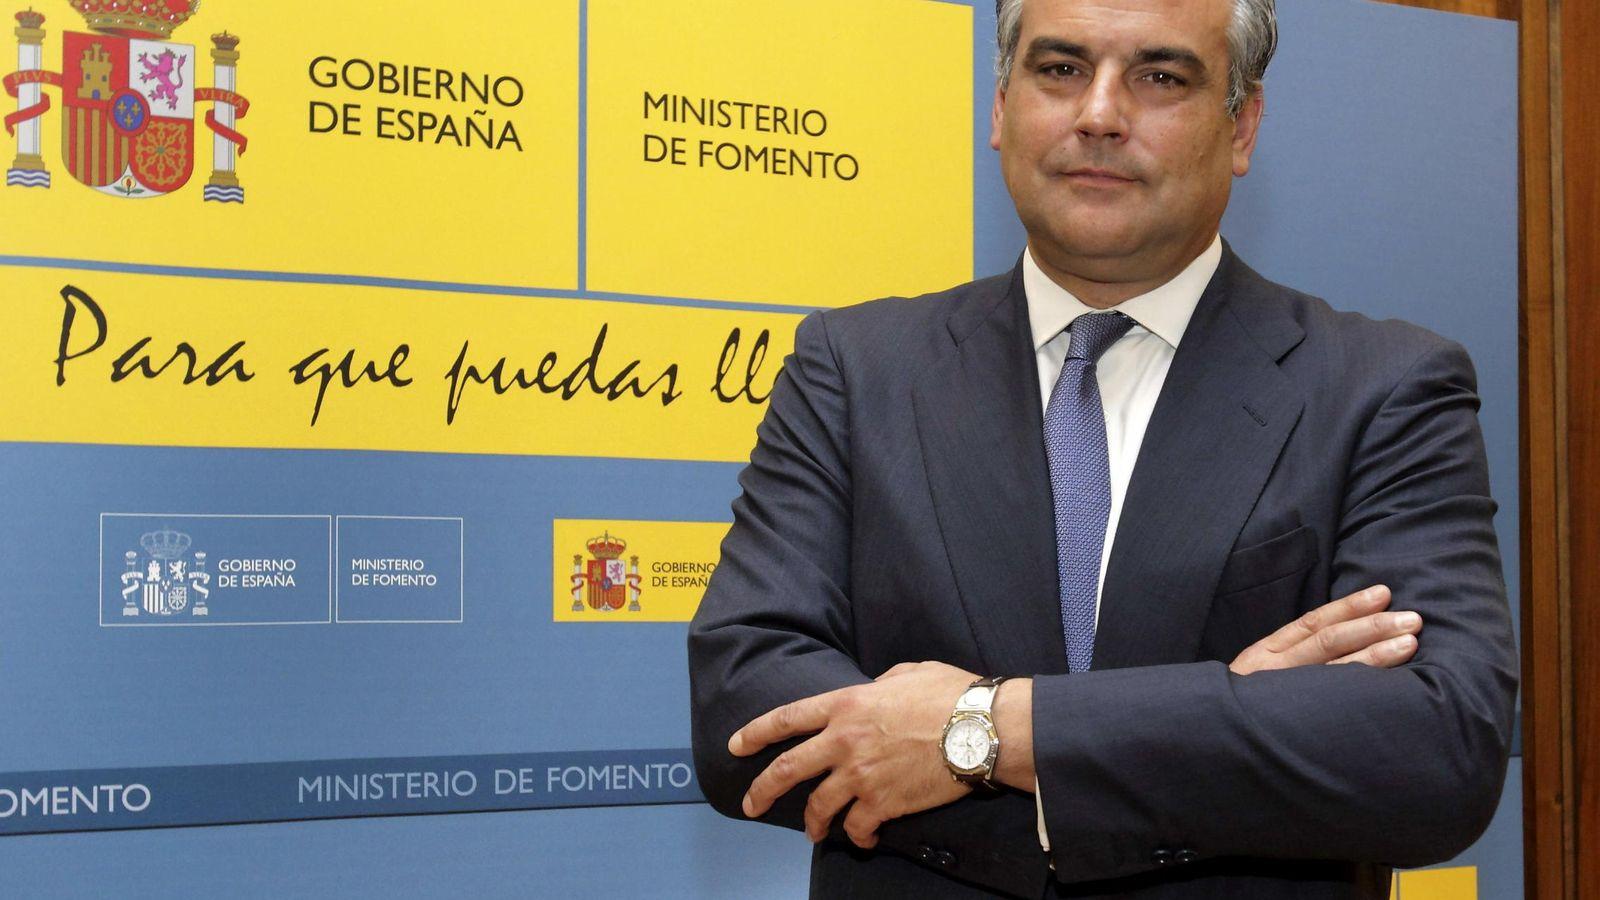 Foto: Fotografía facilitada por el Ministerio de Fomento de Jesús Silva Fernández.